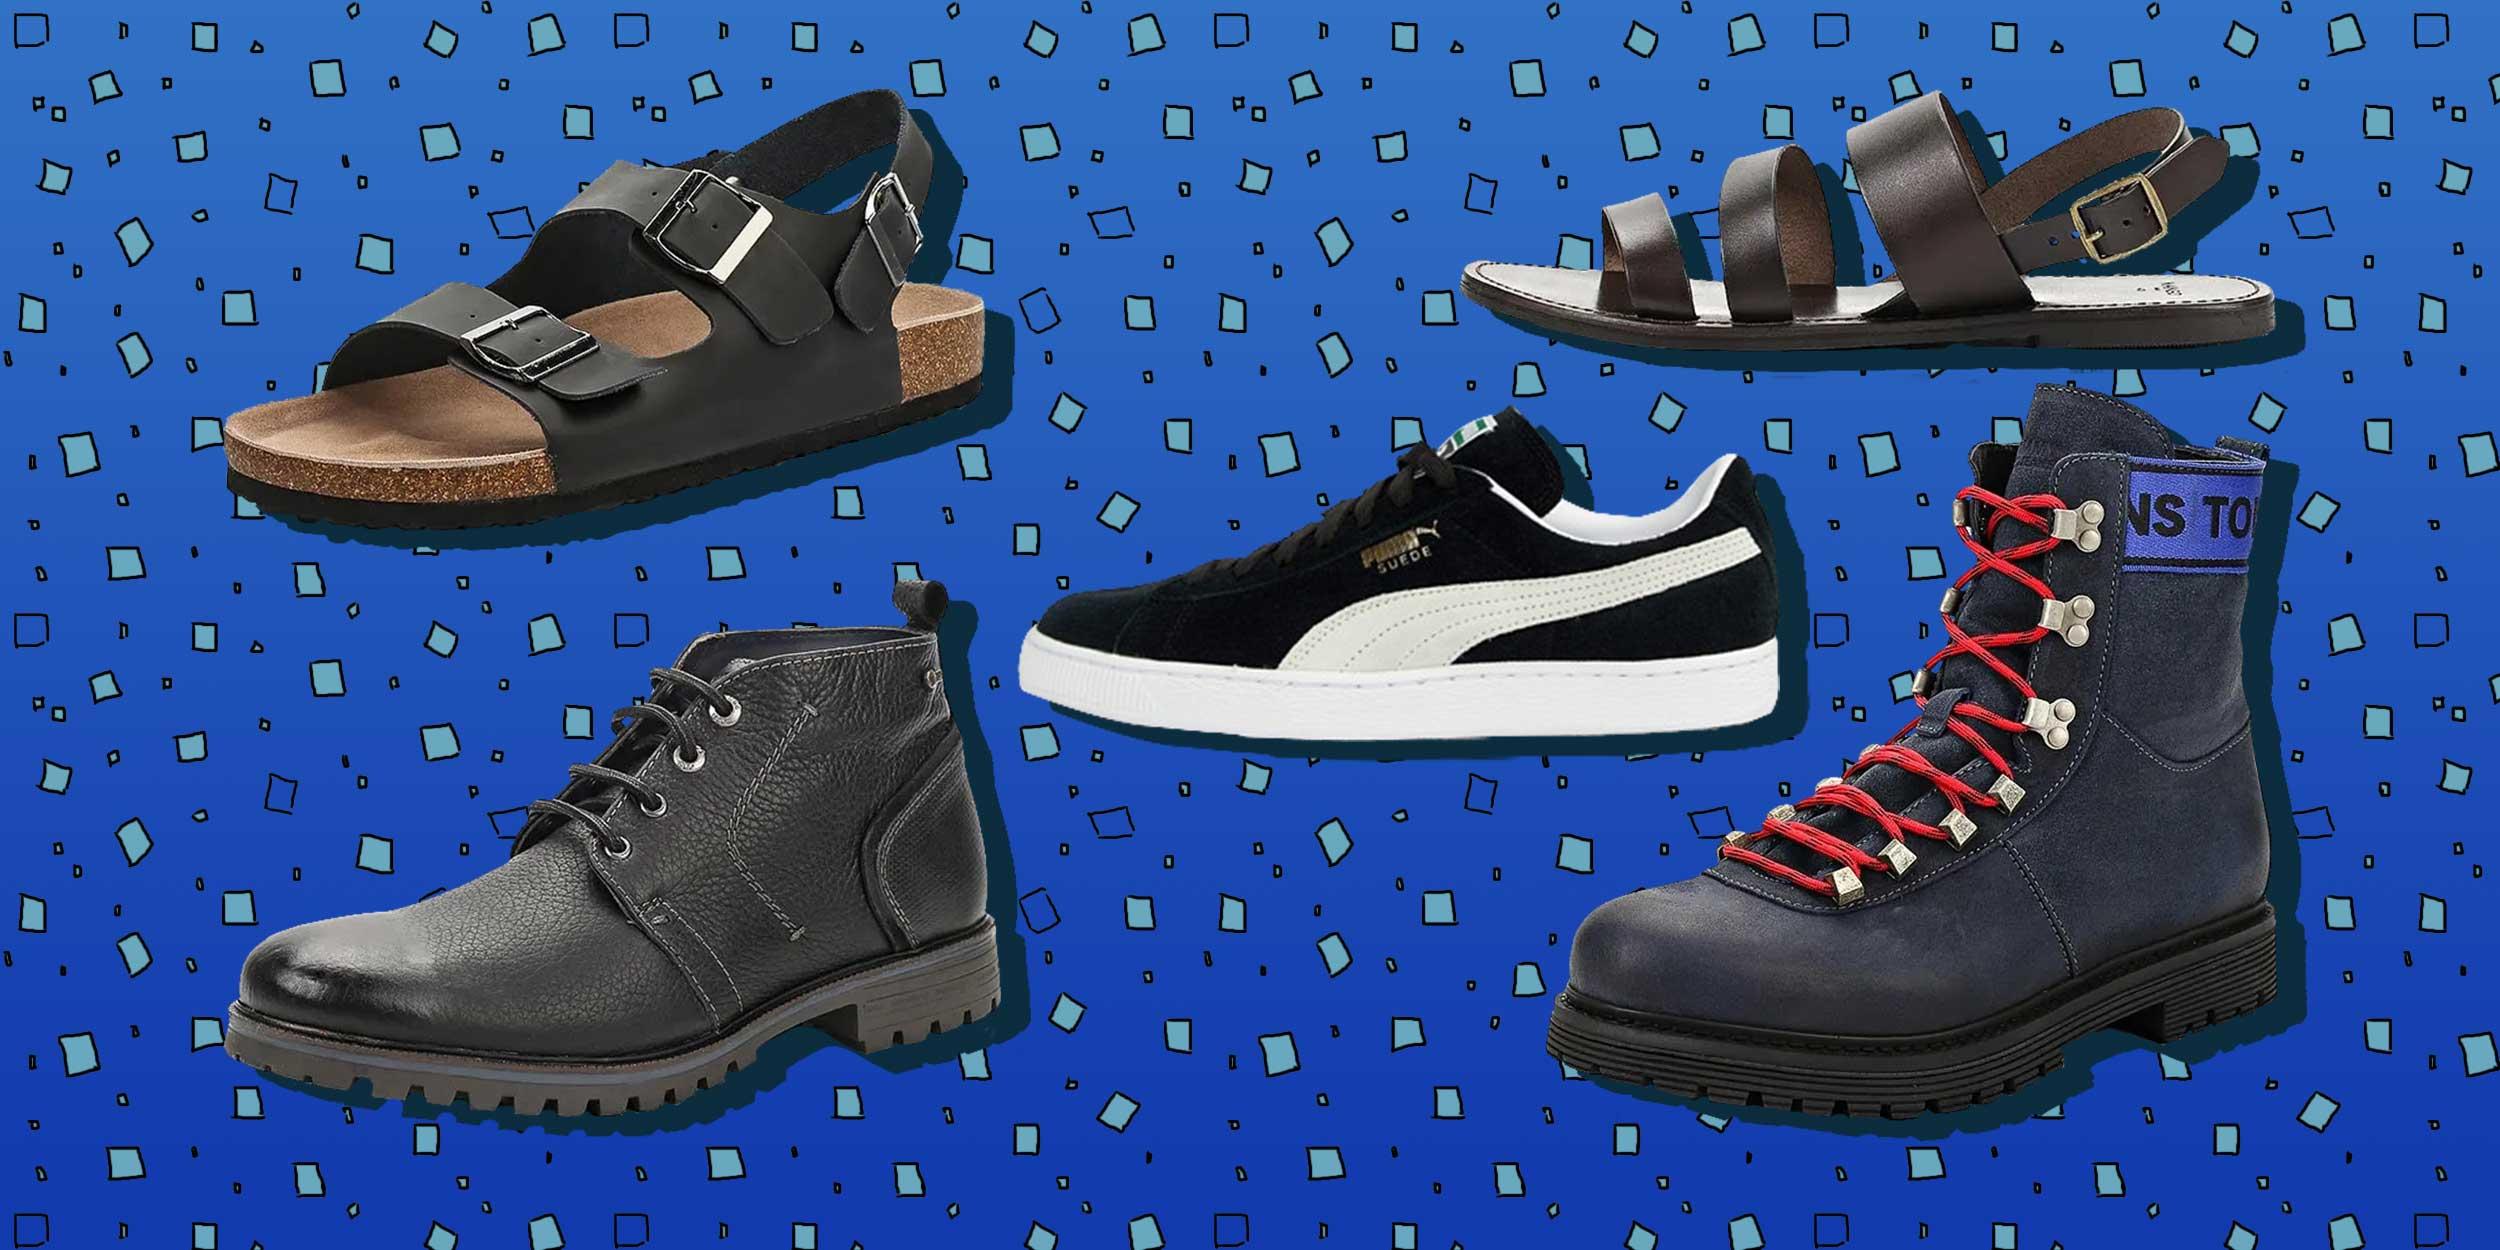 fd0a40987 Какая мужская обувь будет в моде весной-летом 2019 года - Лайфхакер